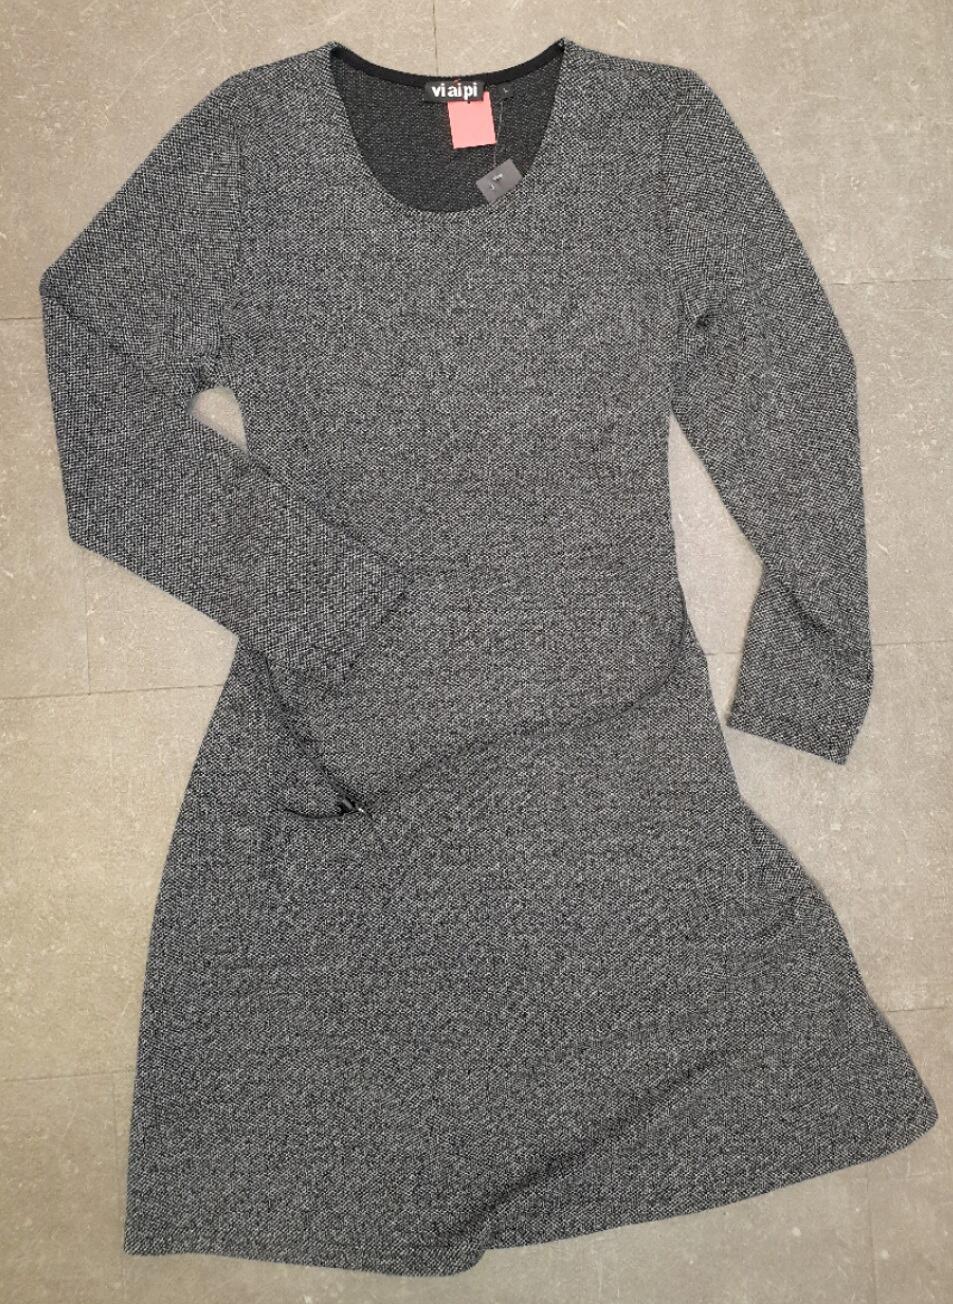 vi ai pi damenmode kleid langarm knielang grau strukturiert mit  rundhalsausschnitt 4217248000 erhältlich bei mode schönleitner in gmunden